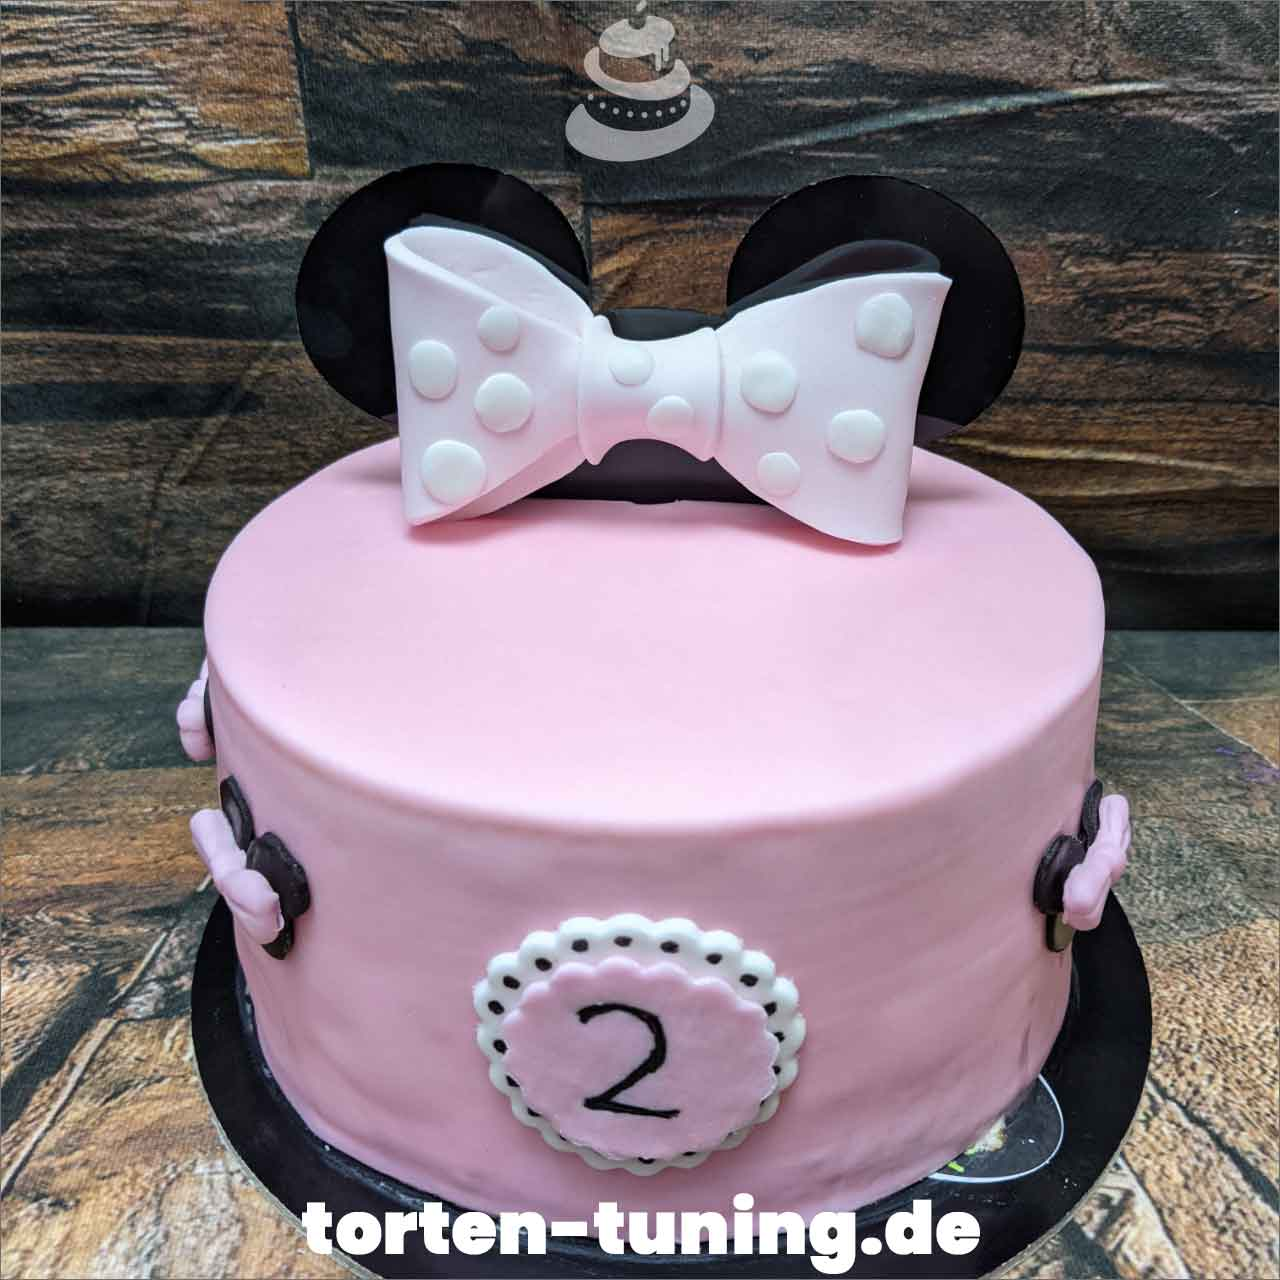 Minnie-Mouse-Dripcake-Obsttorte-Geburtstagstorte-Motivtorte-Torte-Tortendekoration-Torte-online-bestellen-Suhl-Thueringen-Torten-Tuning-Sahnetorte-Tortenfiguren-Cake-Topper.jpg